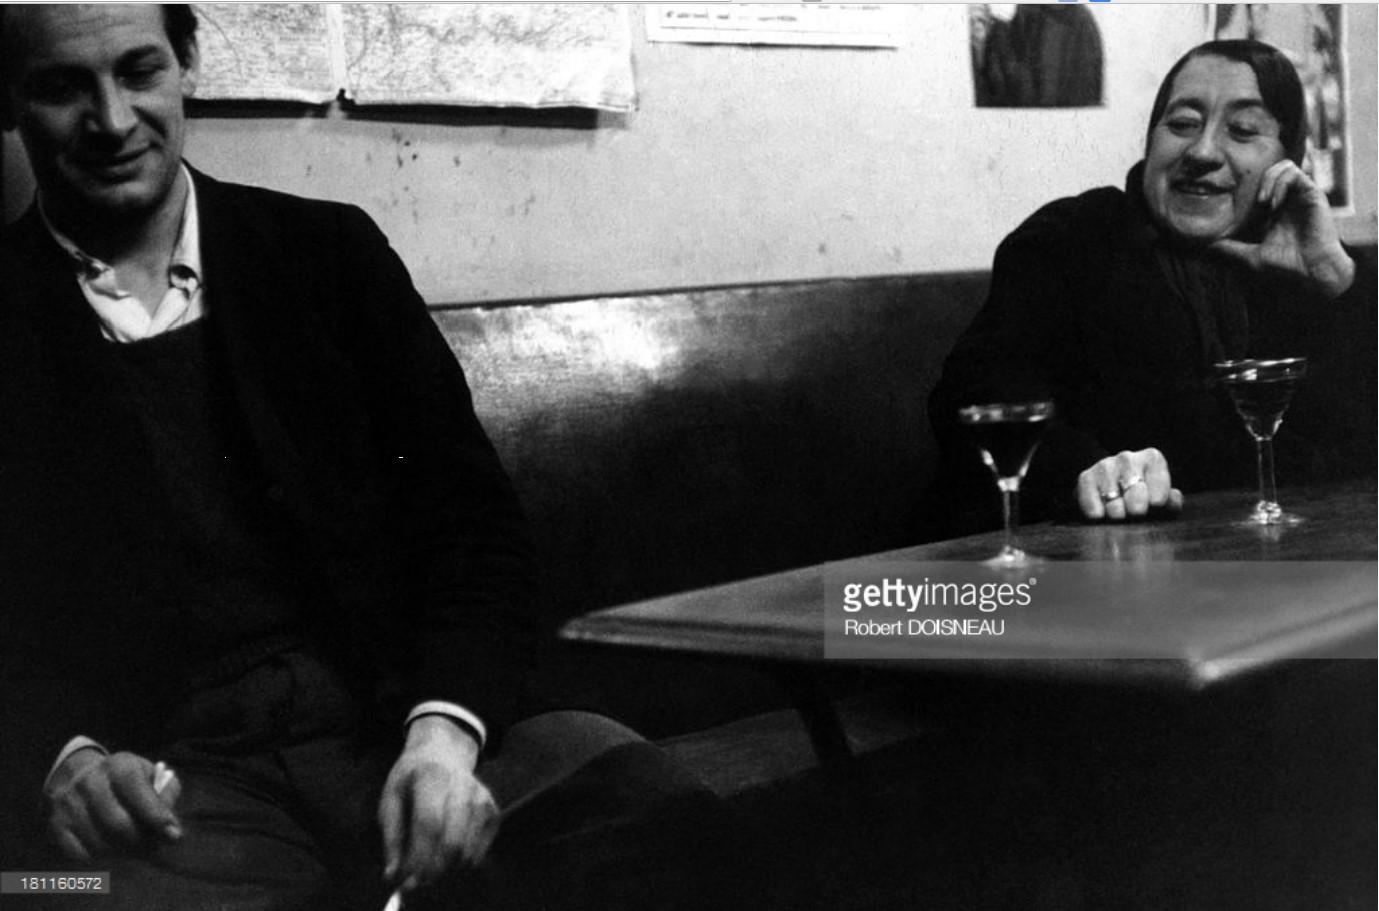 1954. Мадам Рита в кафе на улице на улице Монтань-Сент-Женевьев, 15 февраля